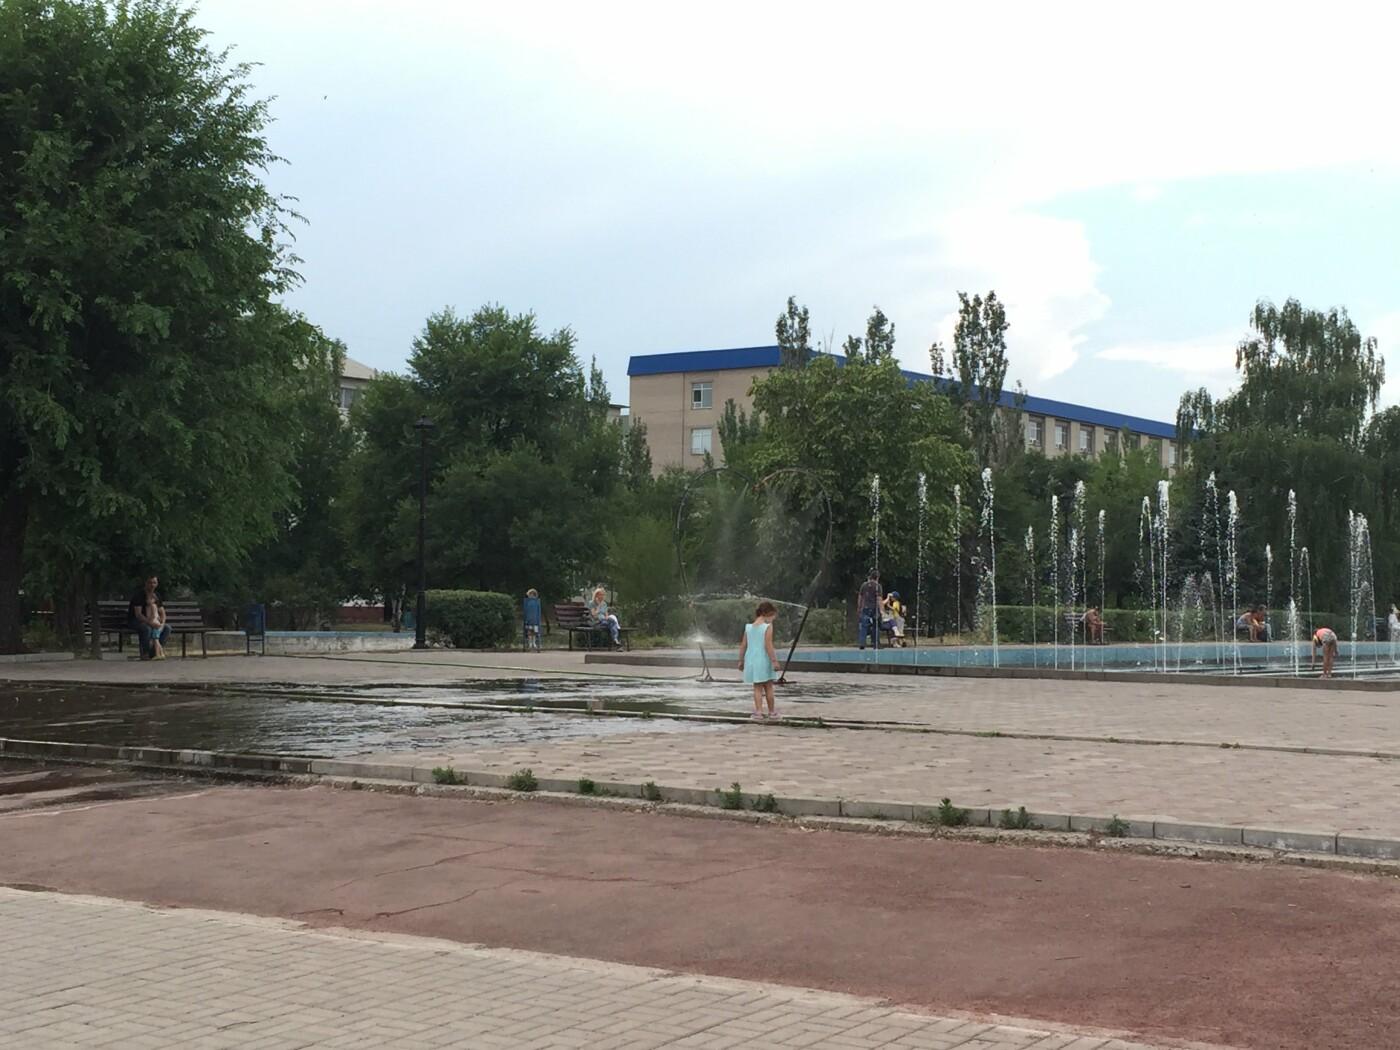 Спастись от жары в Северодонецке: простые и креативные способы, фото-12